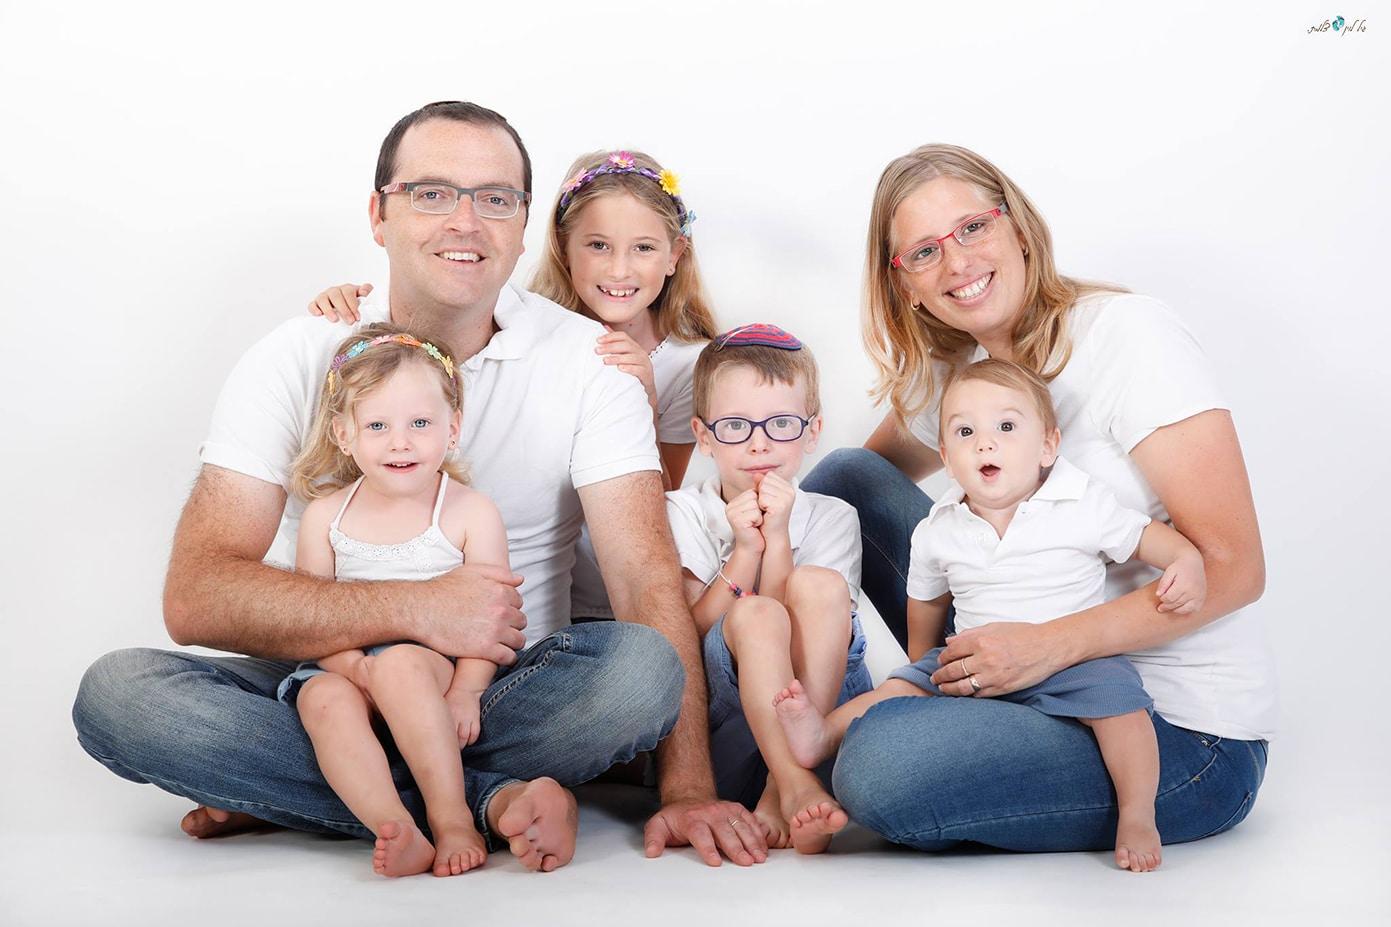 משפחת קרקובר - סטודיו גיל לוין (6)